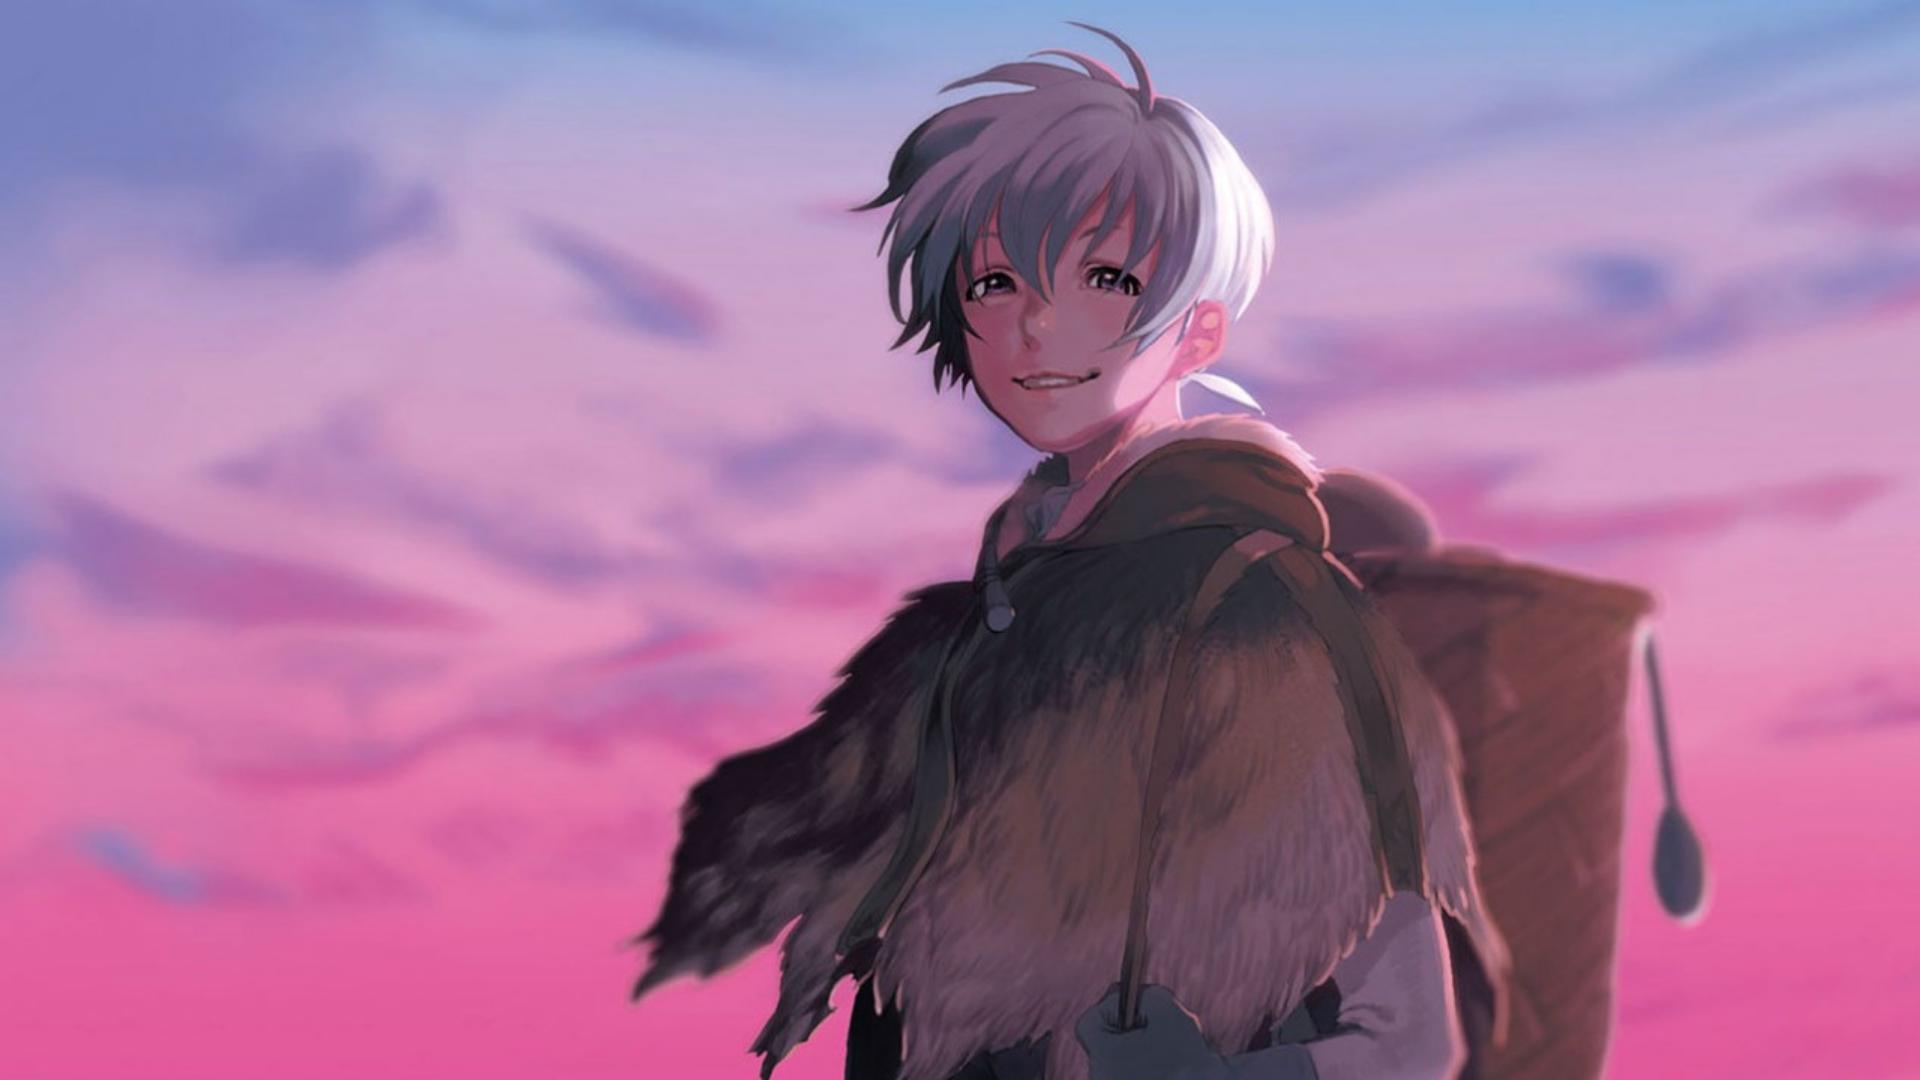 Anime Boys To Your Eternity Anime 1920x1080